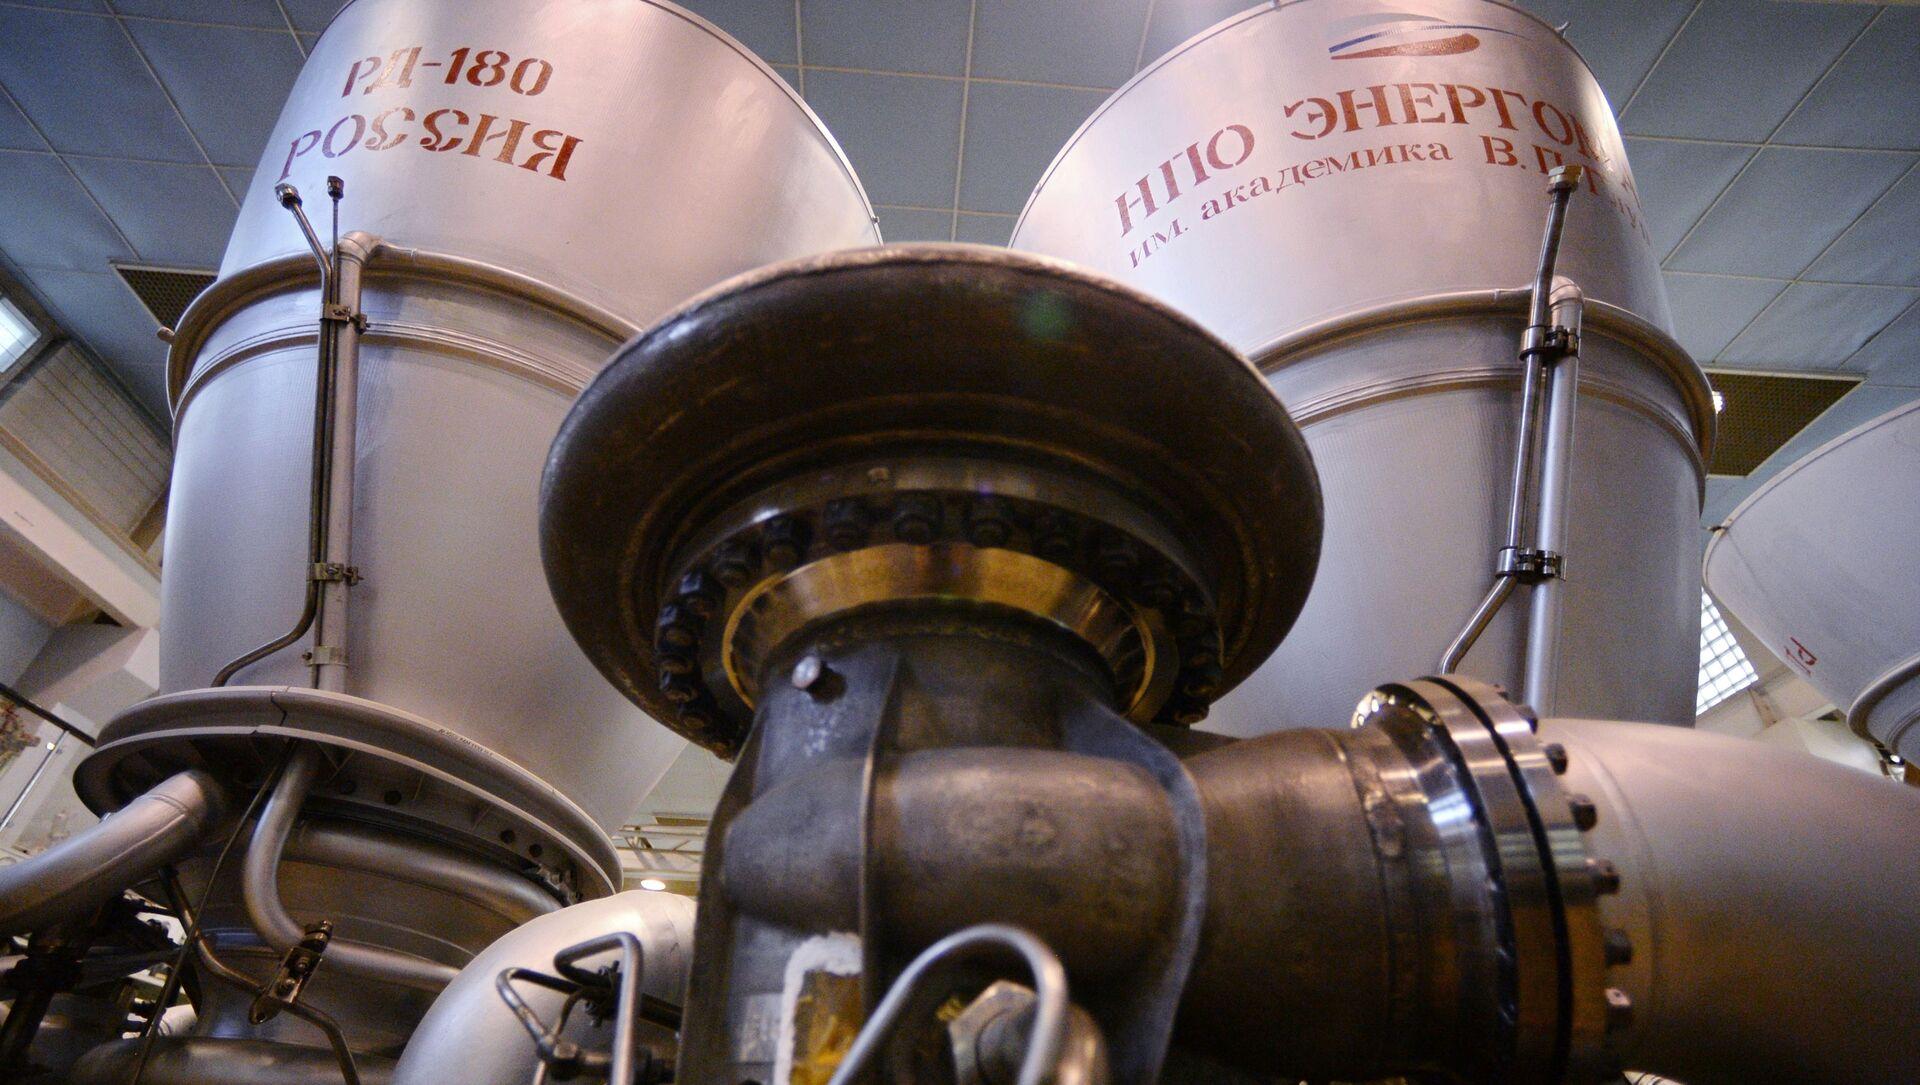 Raketový motor RD-180 - Sputnik Česká republika, 1920, 08.04.2021